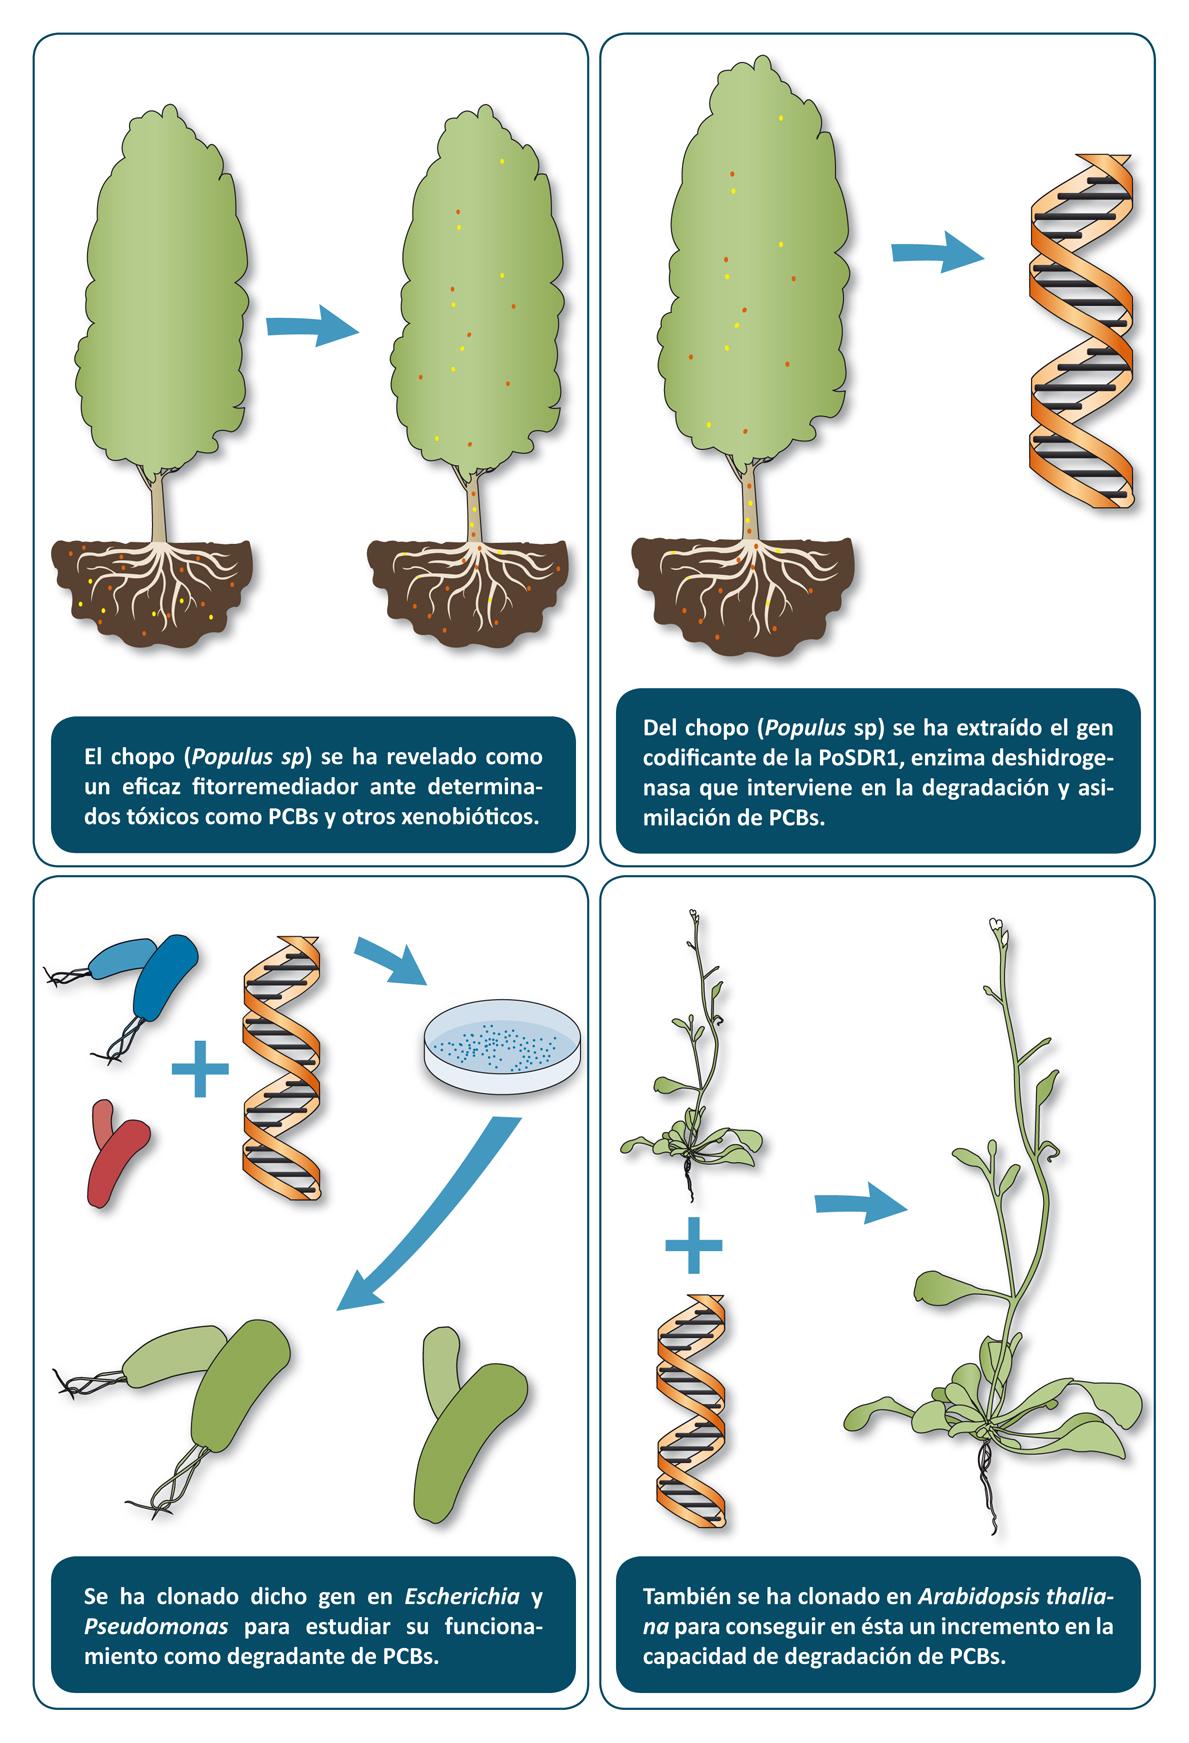 de clonación del gen que codifica la enzima PoSDR1 en bacterias y en